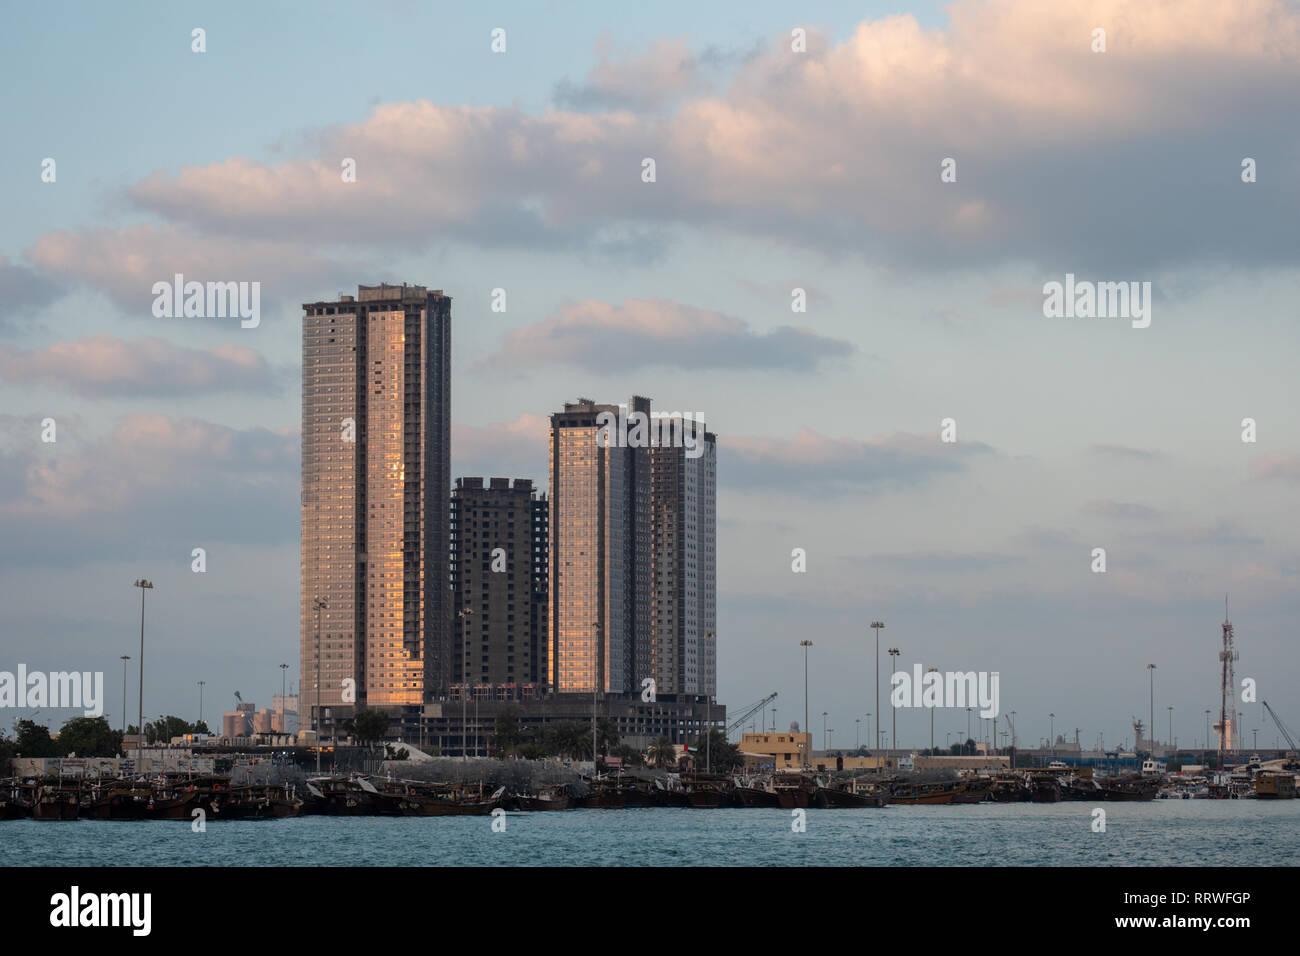 Abandoned towers at Zayed Port Abu Dhabi UAE - Stock Image